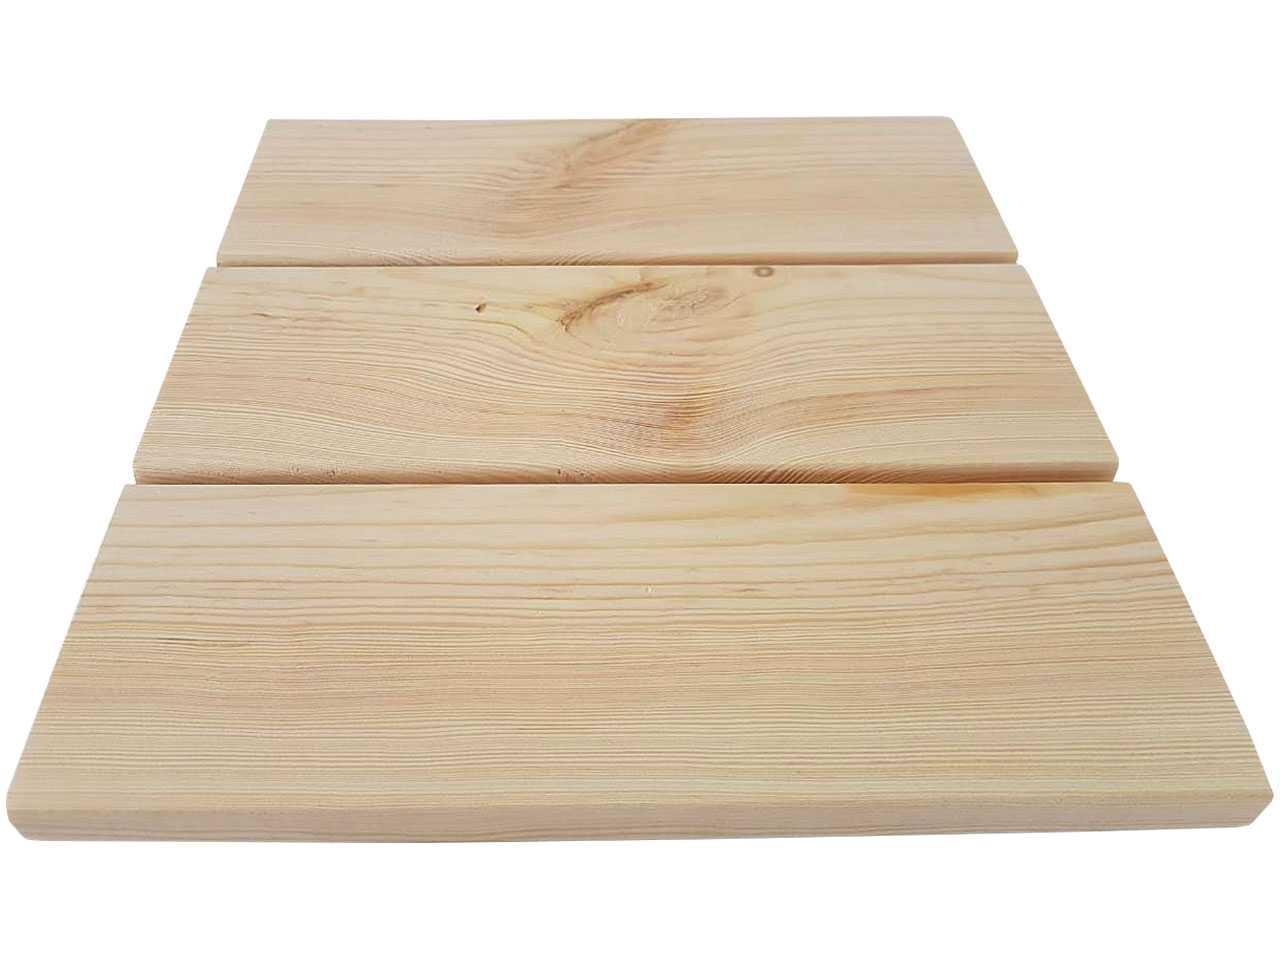 Доска для подшивки поддашков сосна, ель 90/120x20 мм.